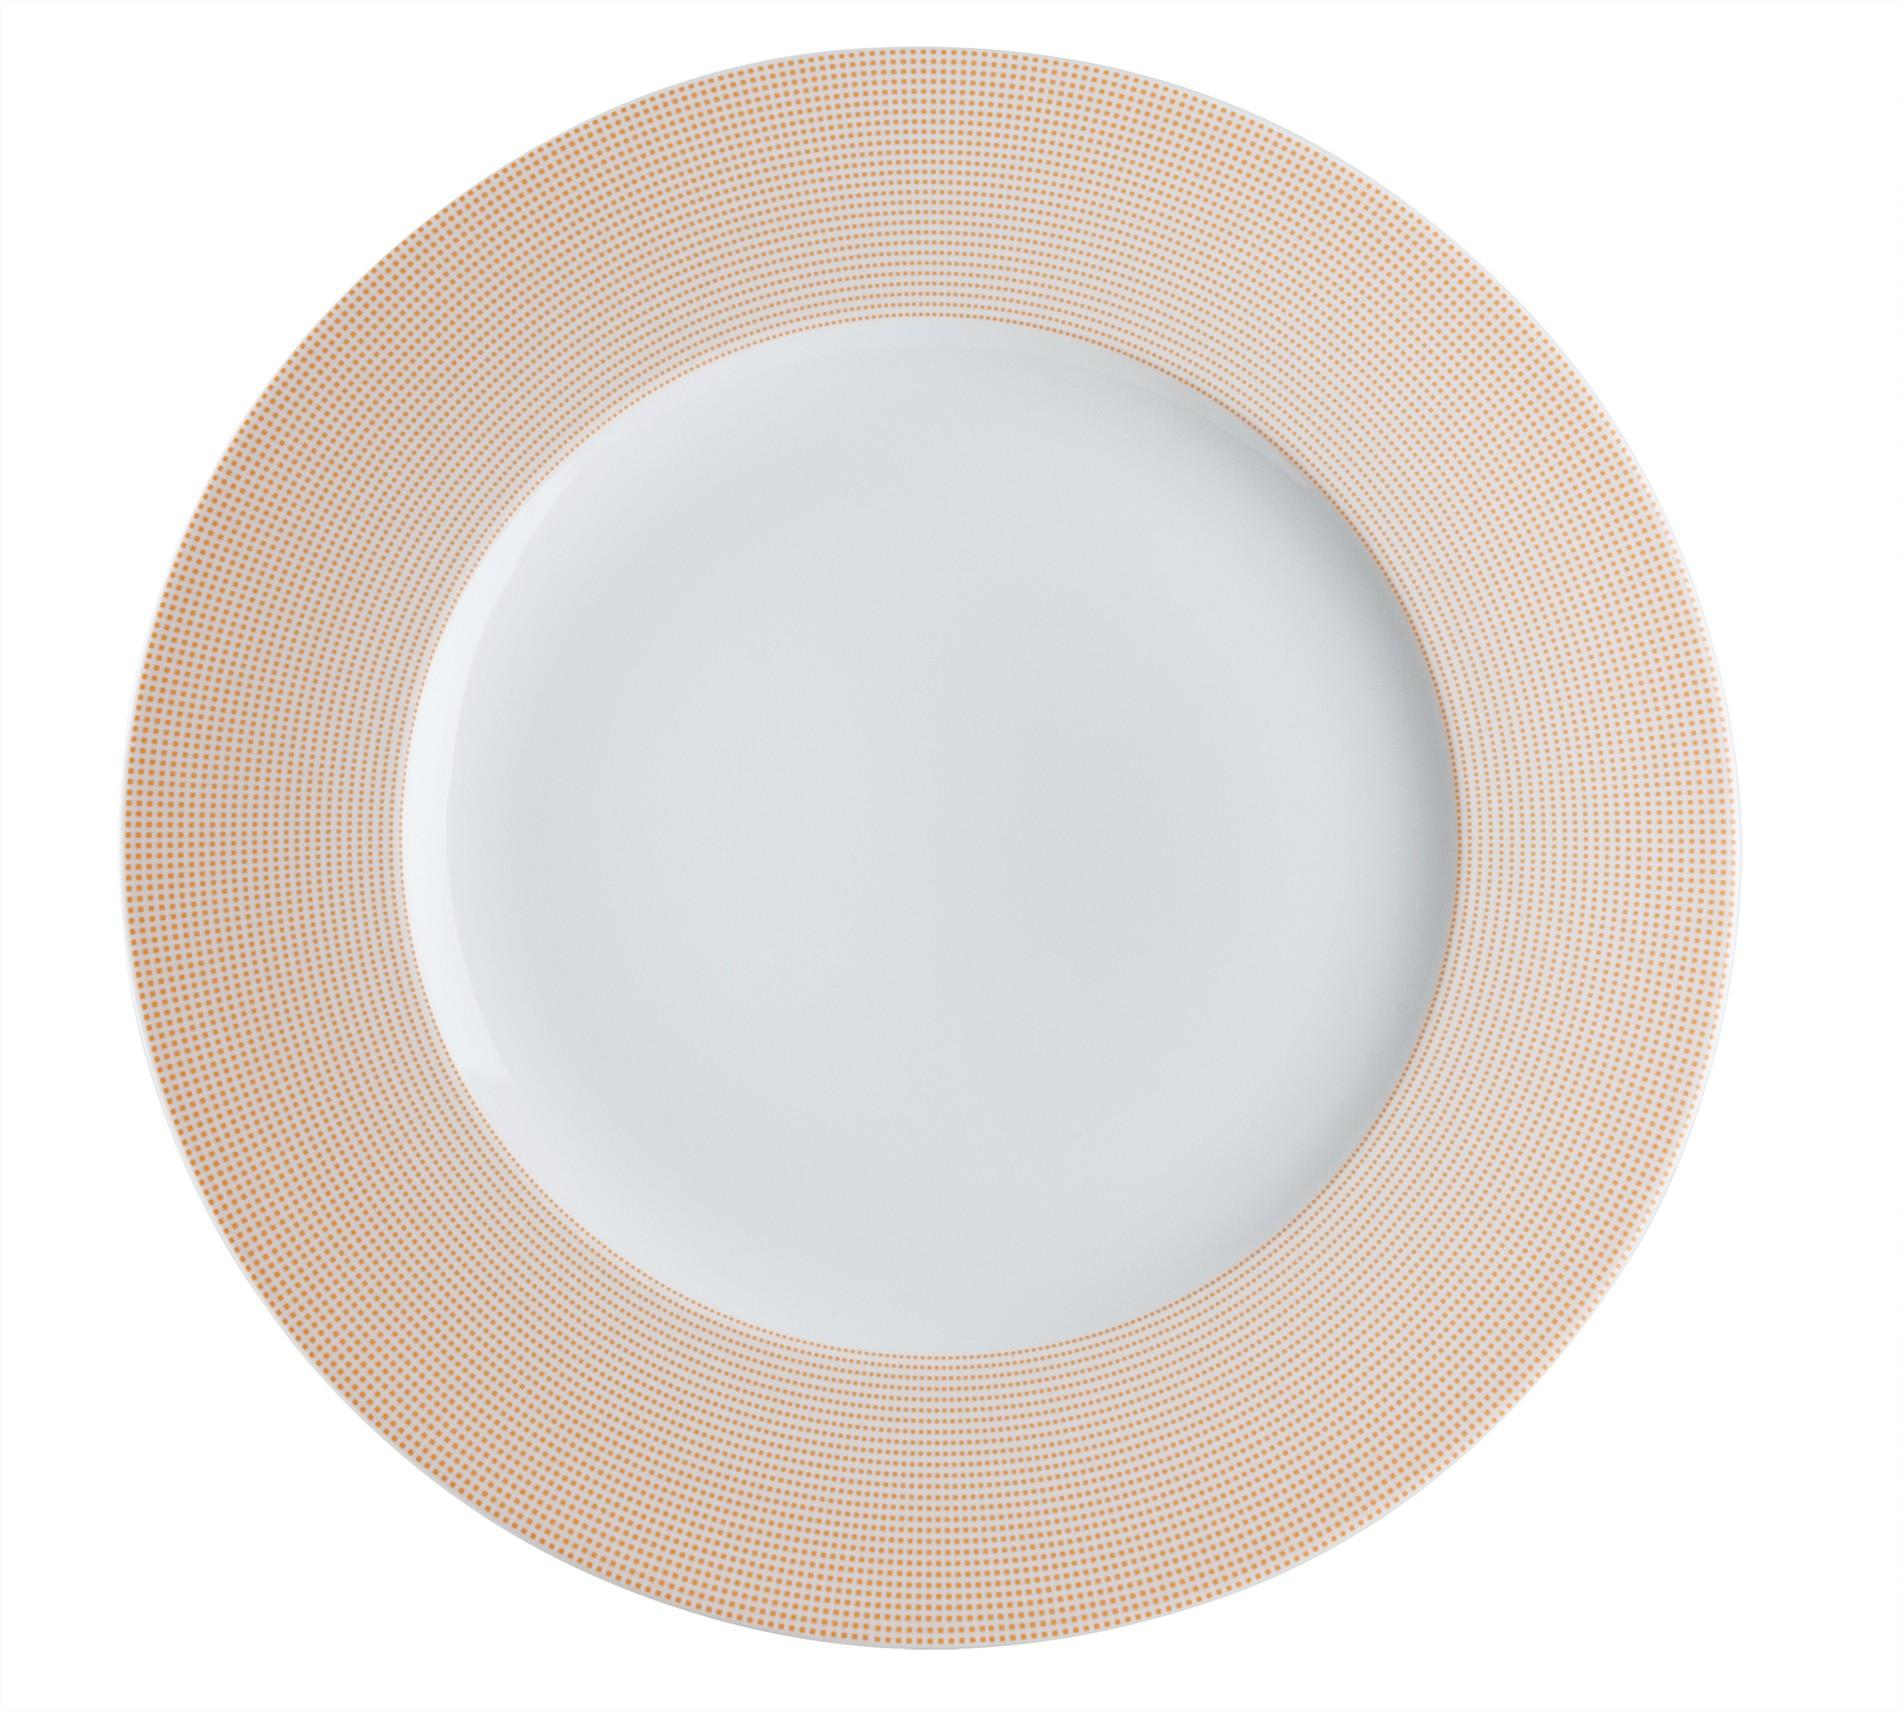 Πιάτο Ρηχό Σετ 6Τμχ Punto Orange 27cm Ionia home   ειδη σερβιρισματος   πιάτα